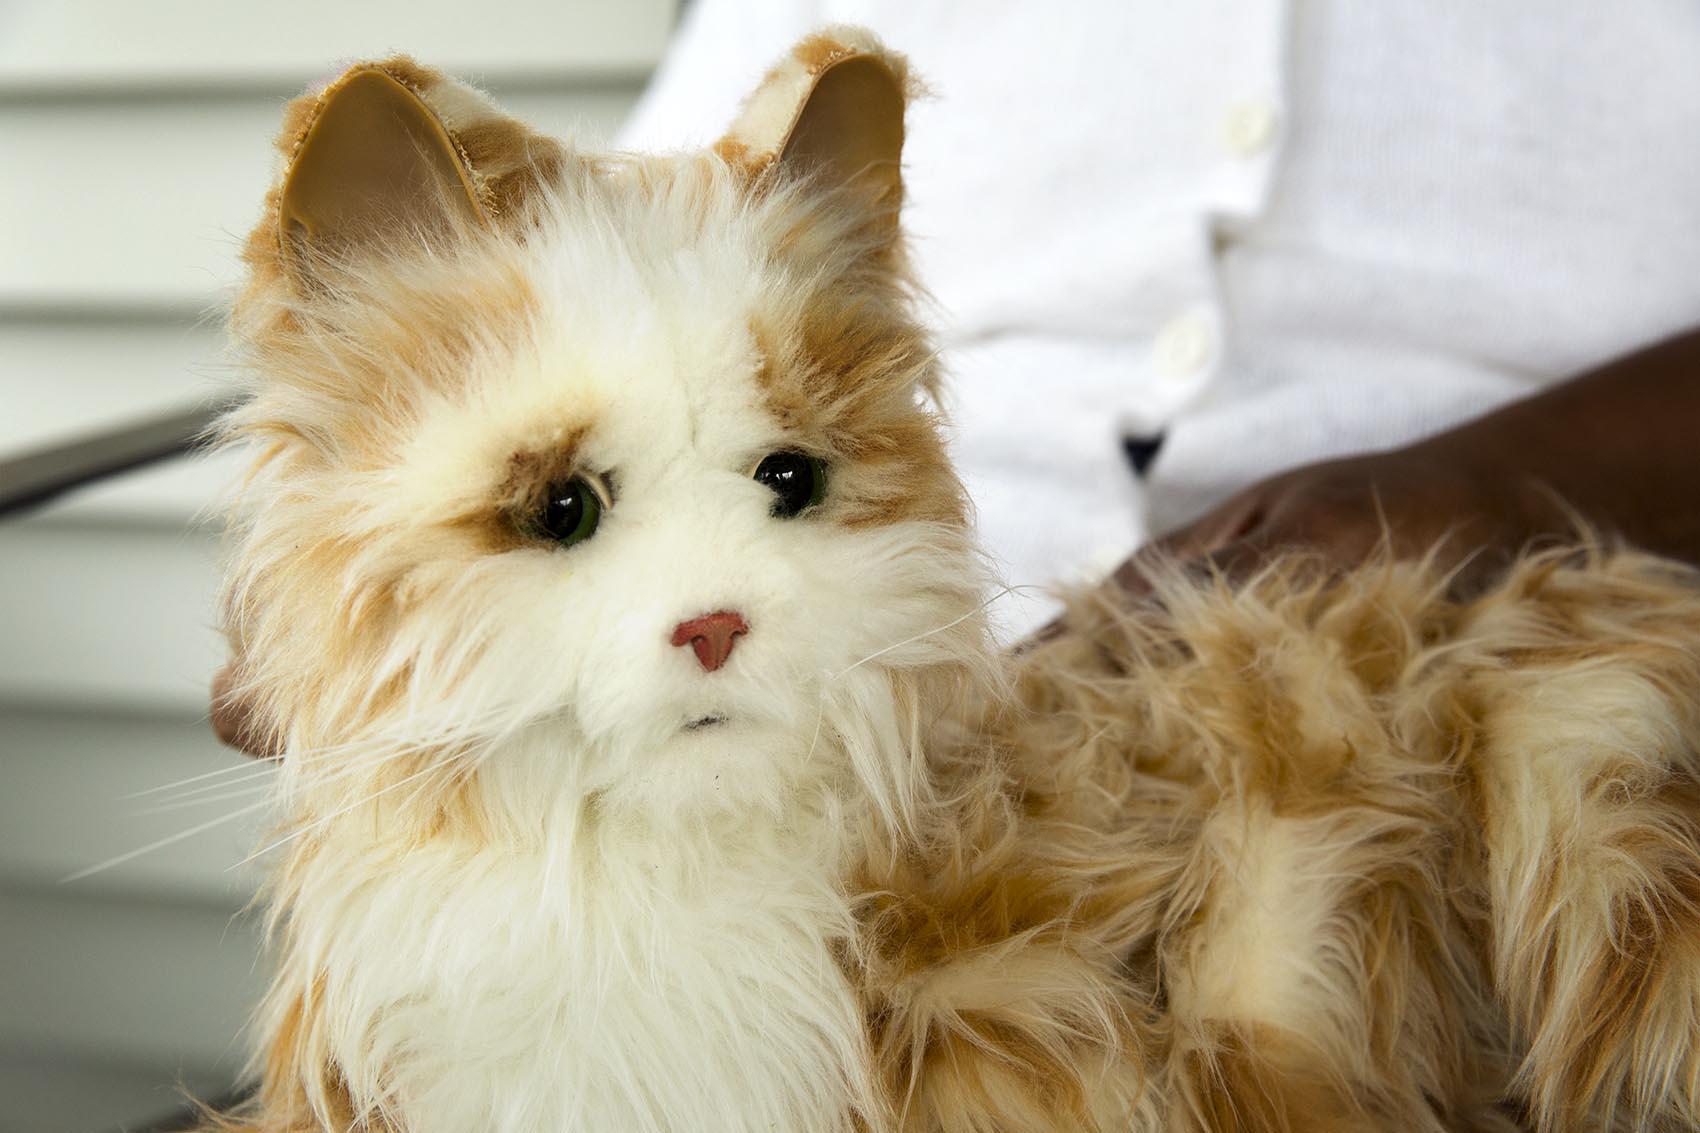 Milo the robotic cat